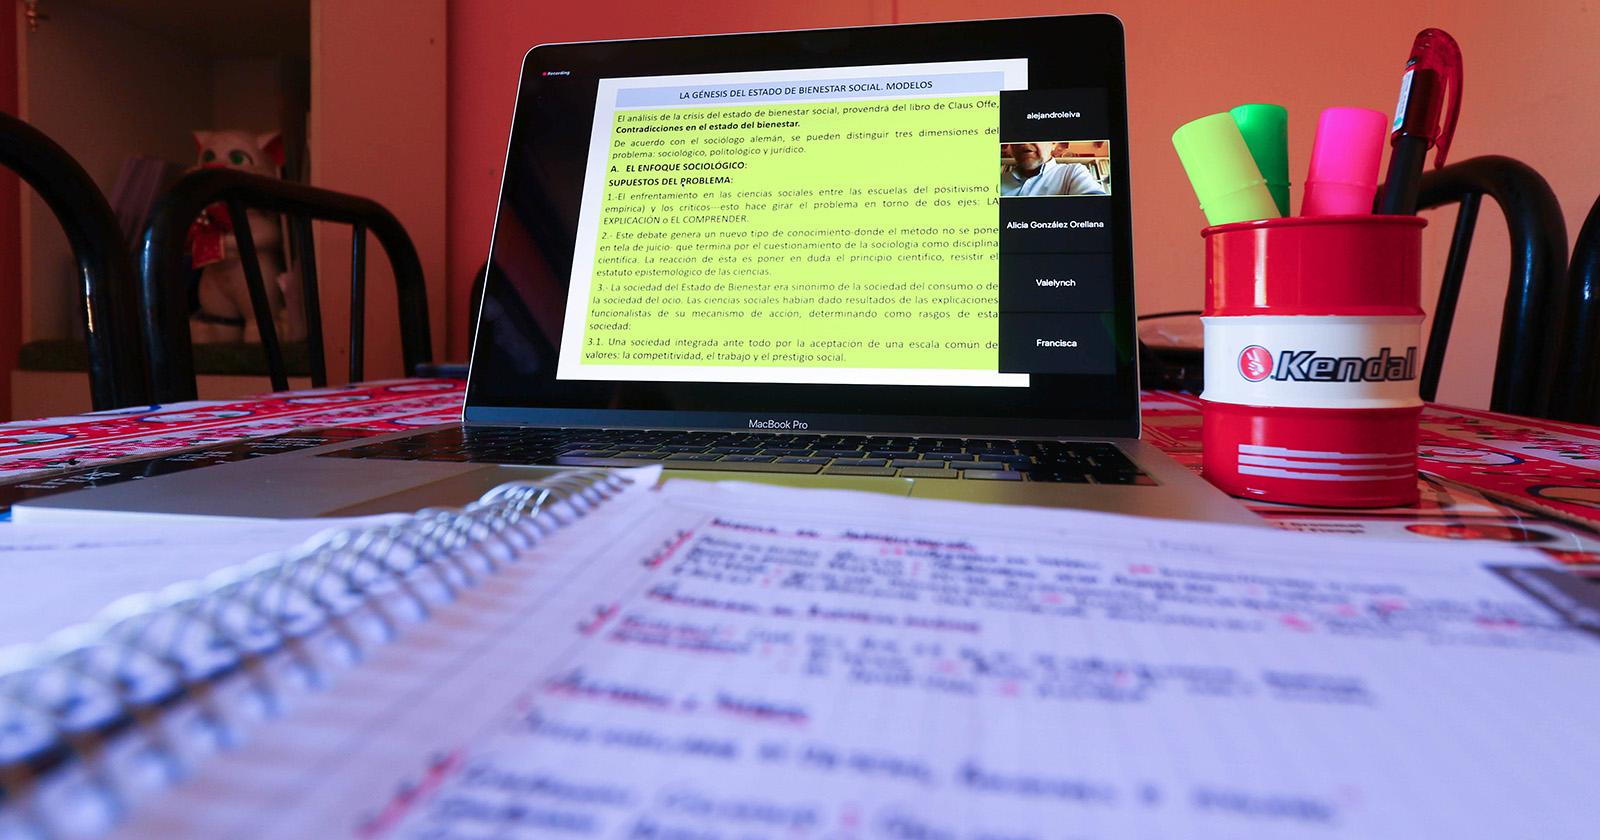 Educación en línea: Inacap pone recursos digitales a disposición  de liceos técnicos